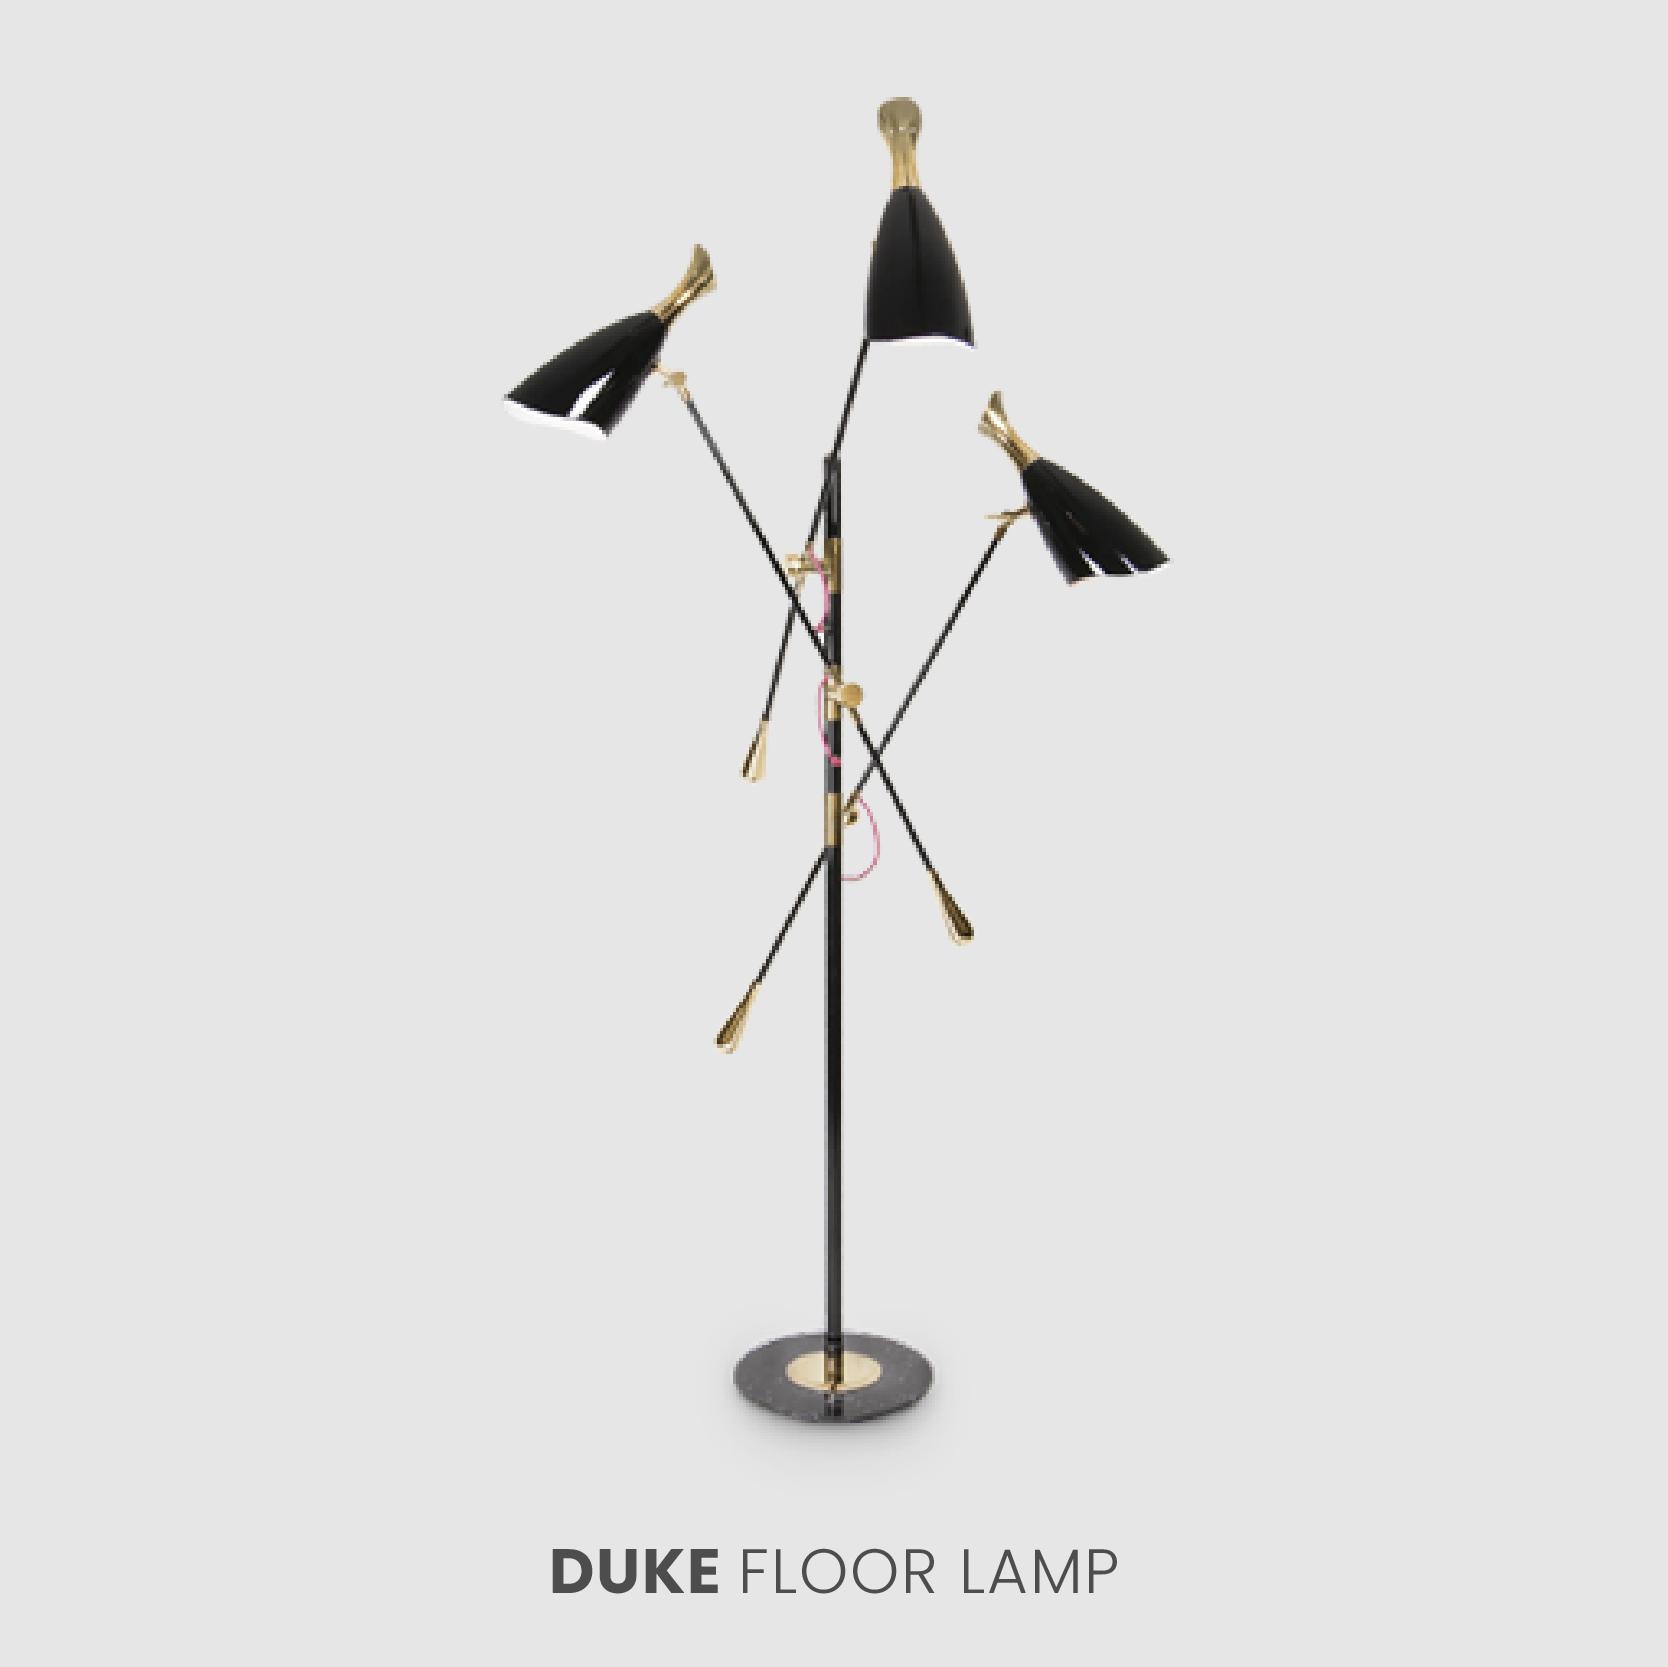 Duke Floor